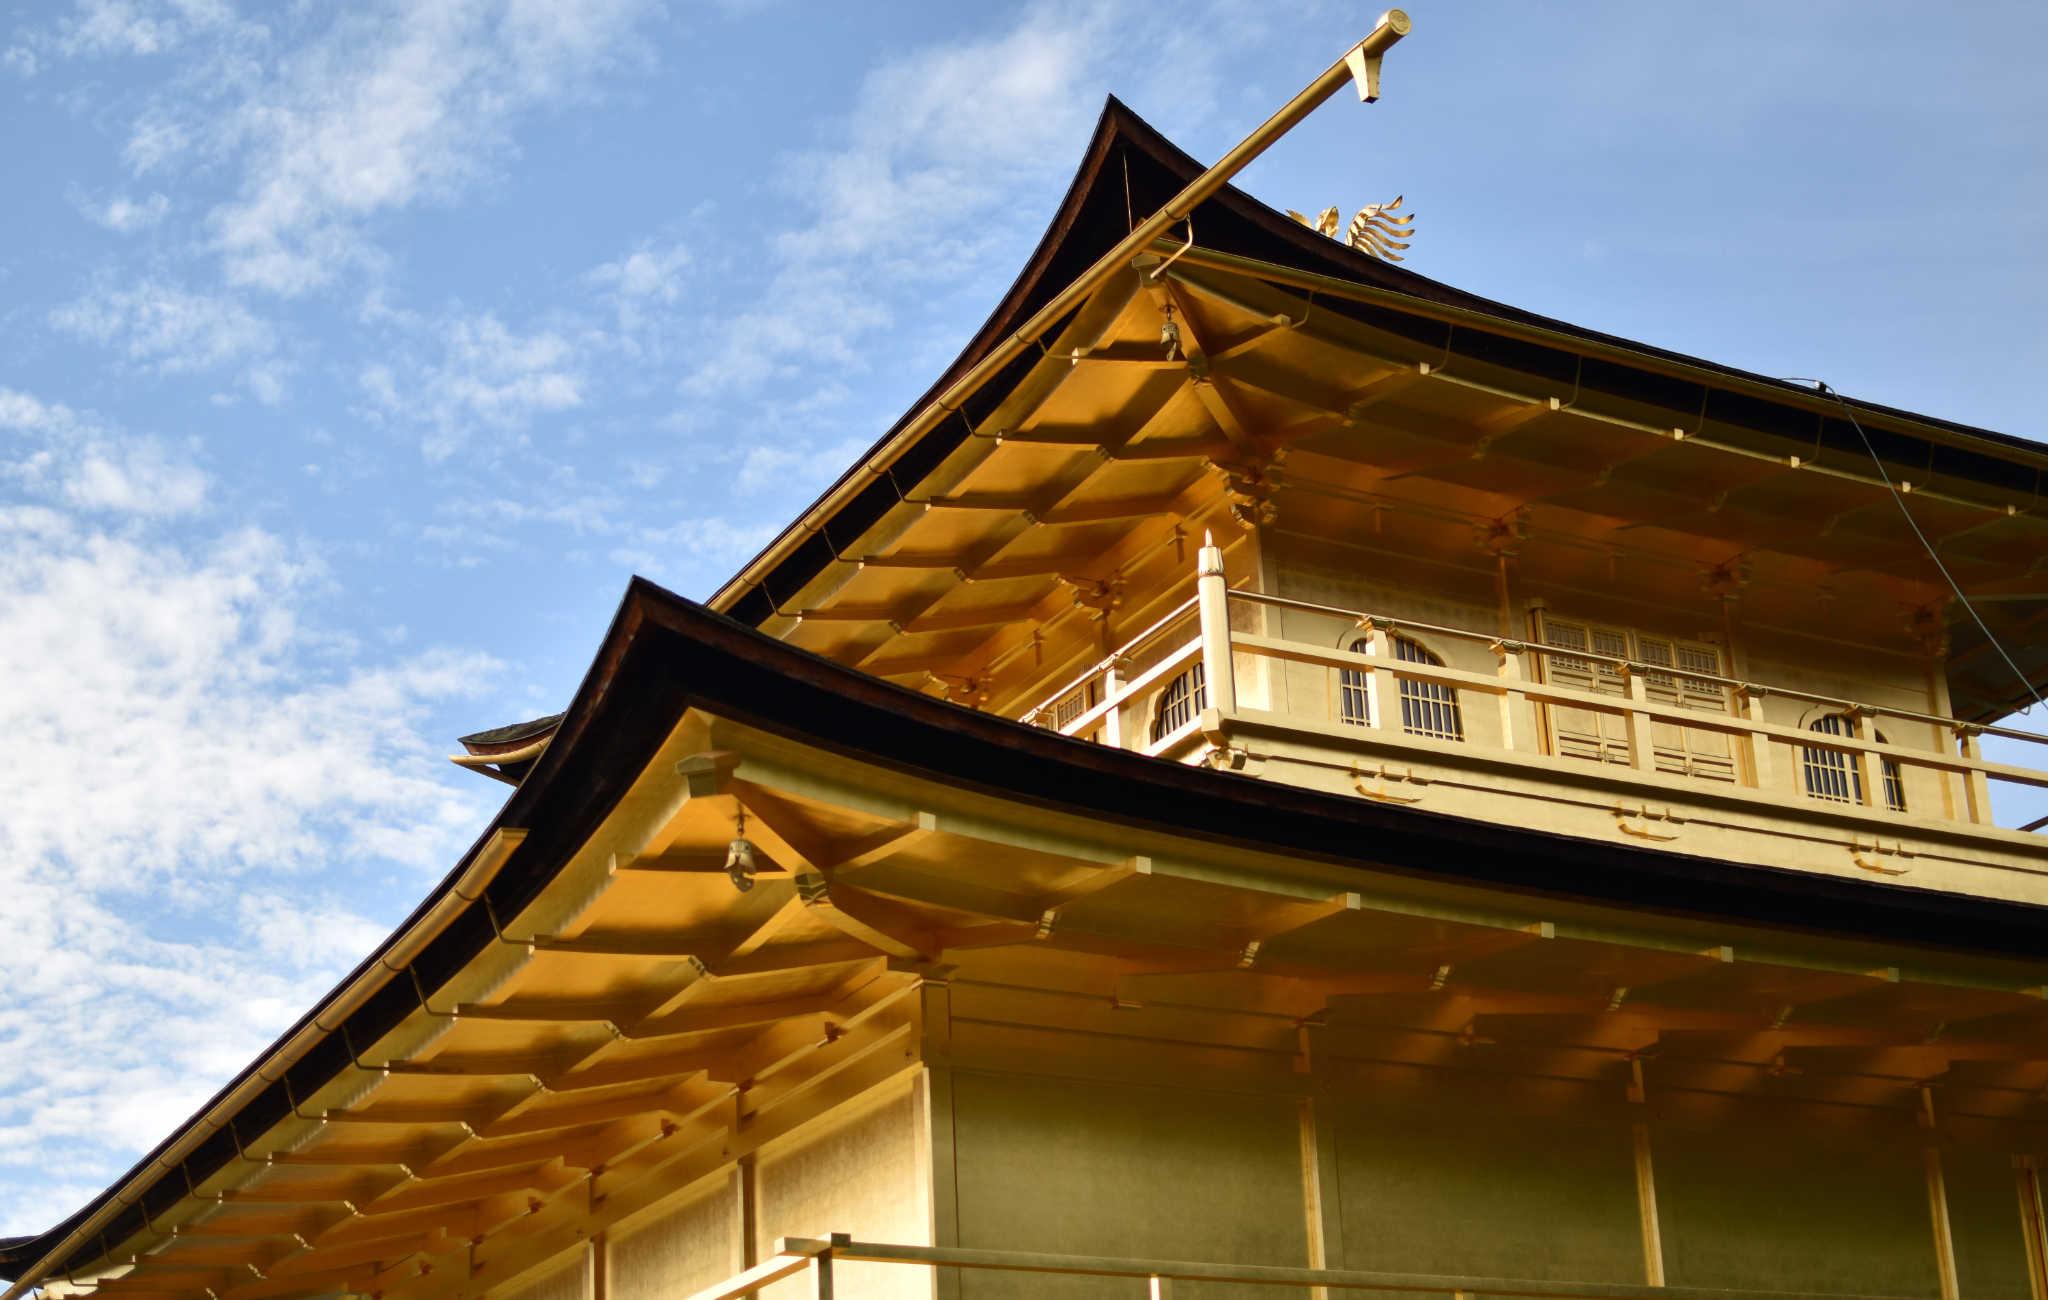 Les deux étages supérieurs du pavillon sont entièrement recouverts d'or